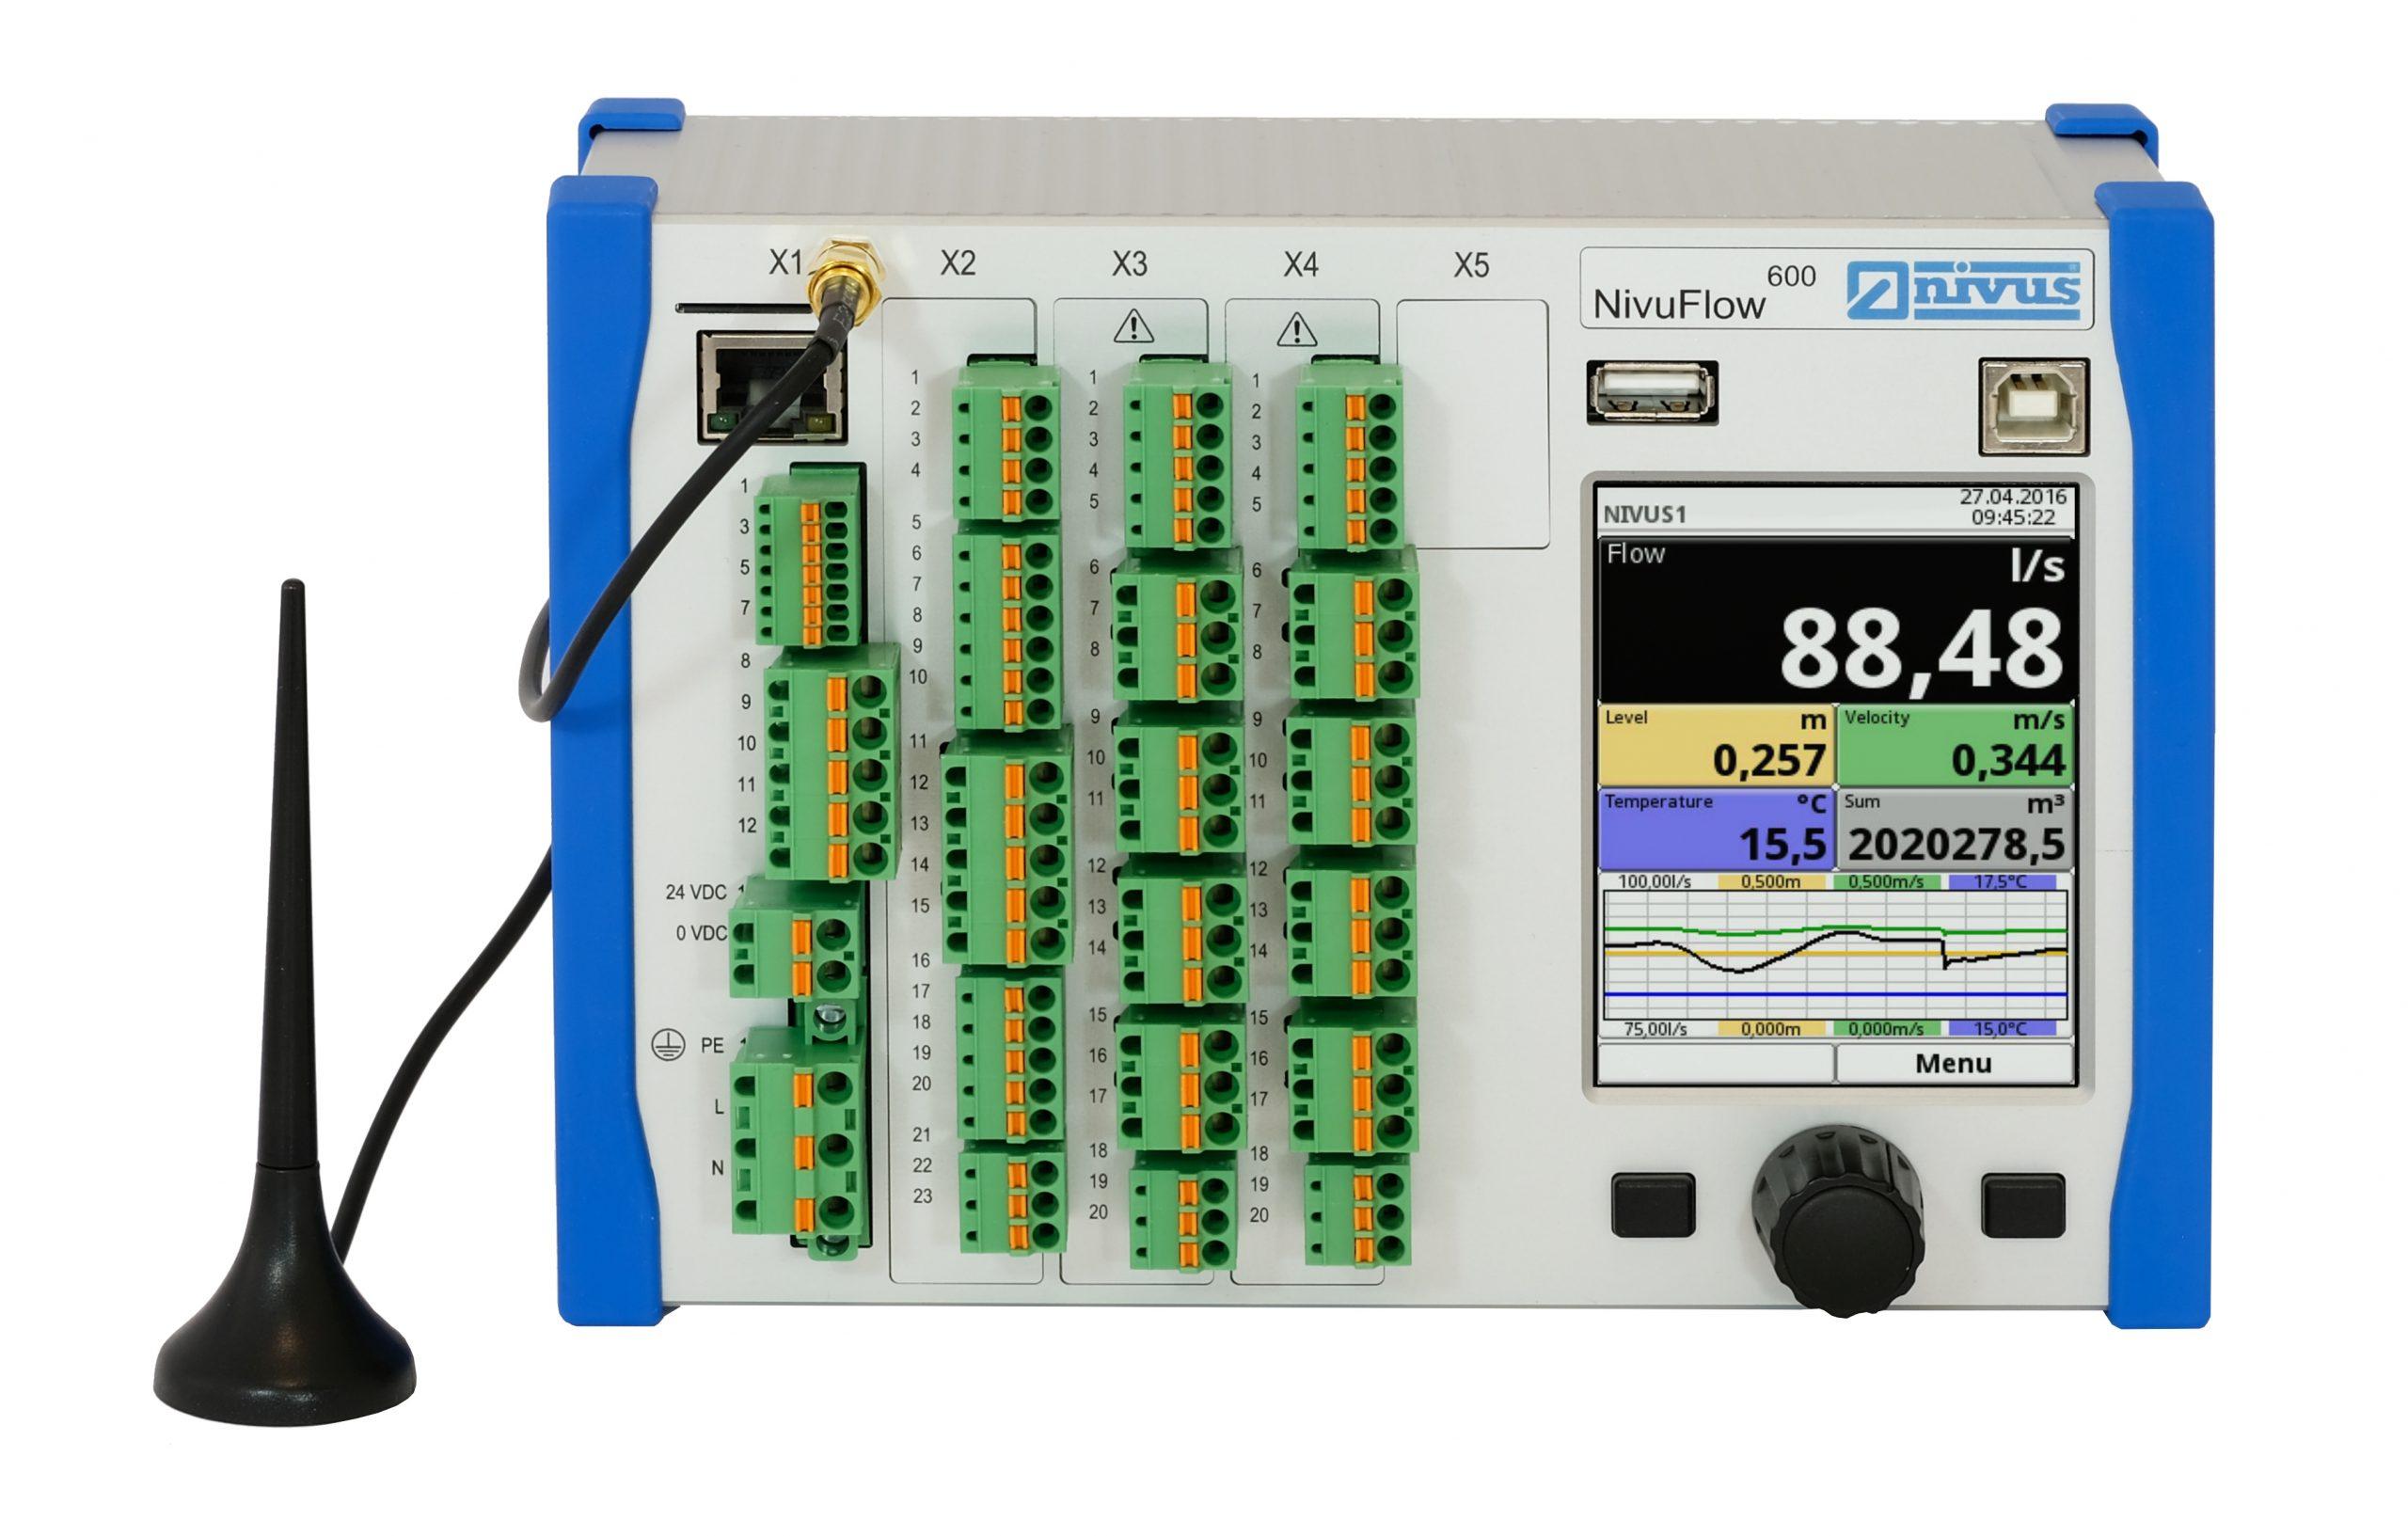 Durchflussmessgerät mit IoT-Funktion